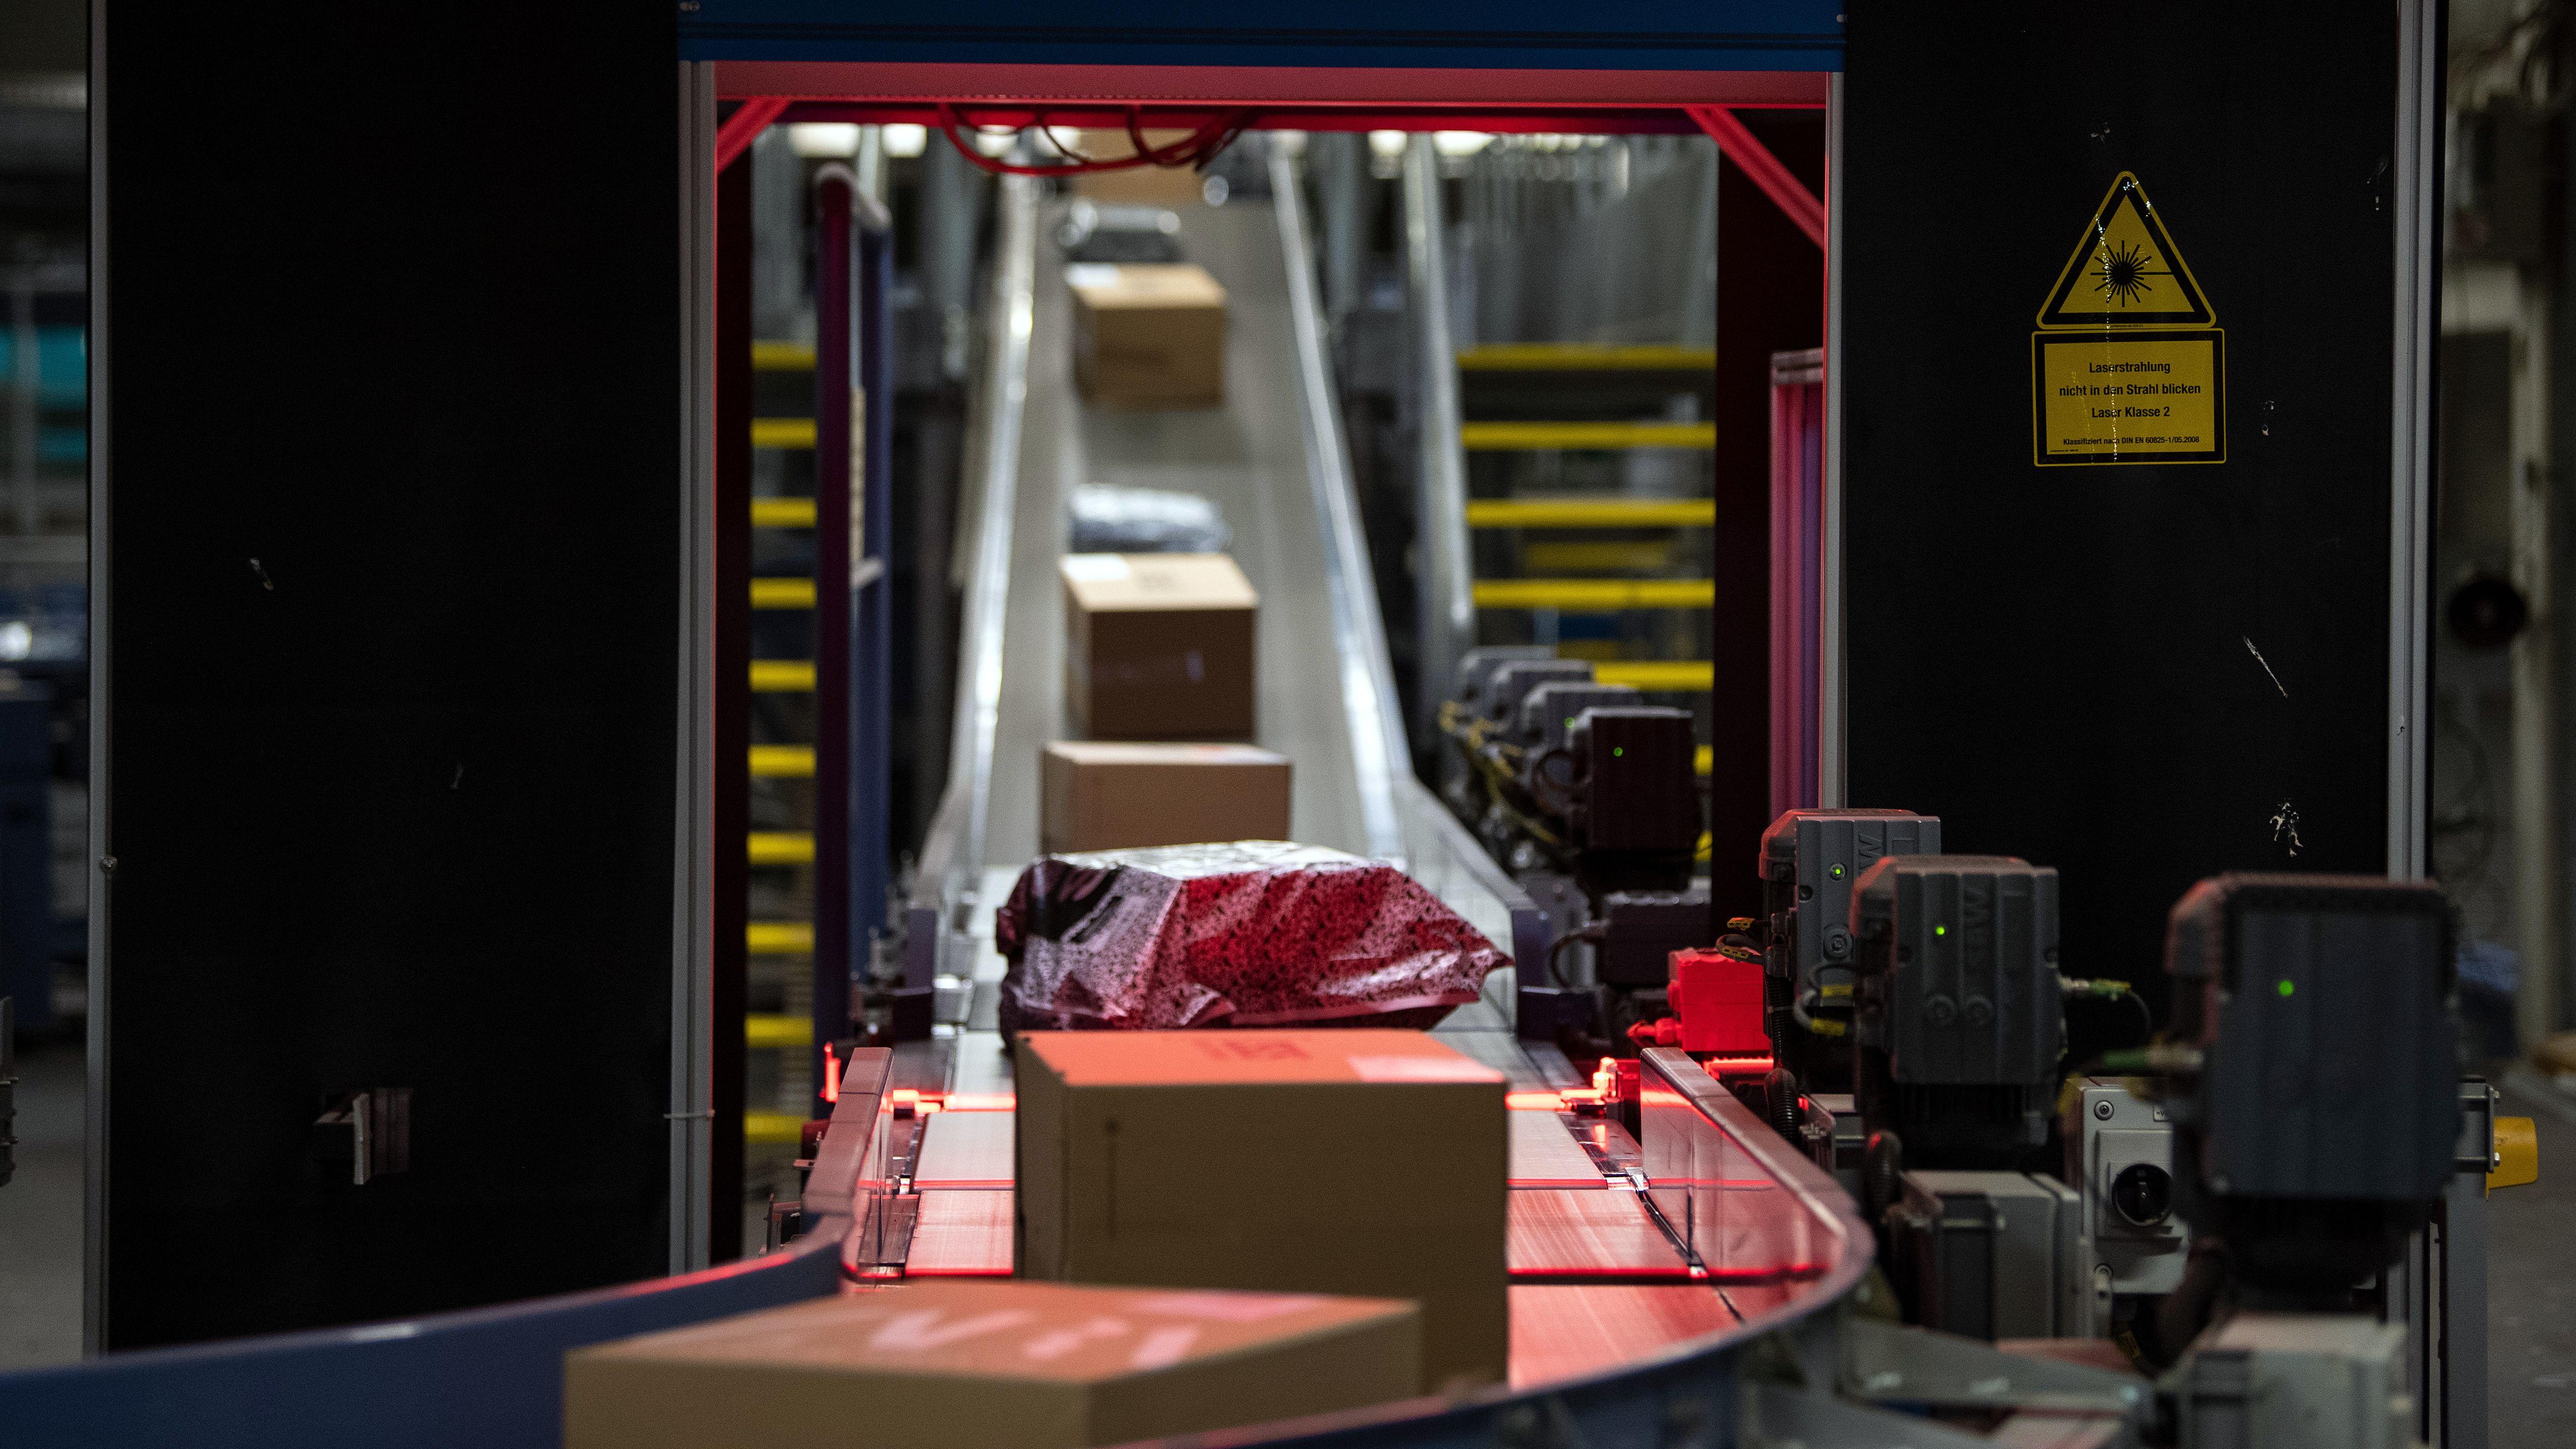 Zahlreiche Pakete fahren auf einem Förderband unter einem Scanner